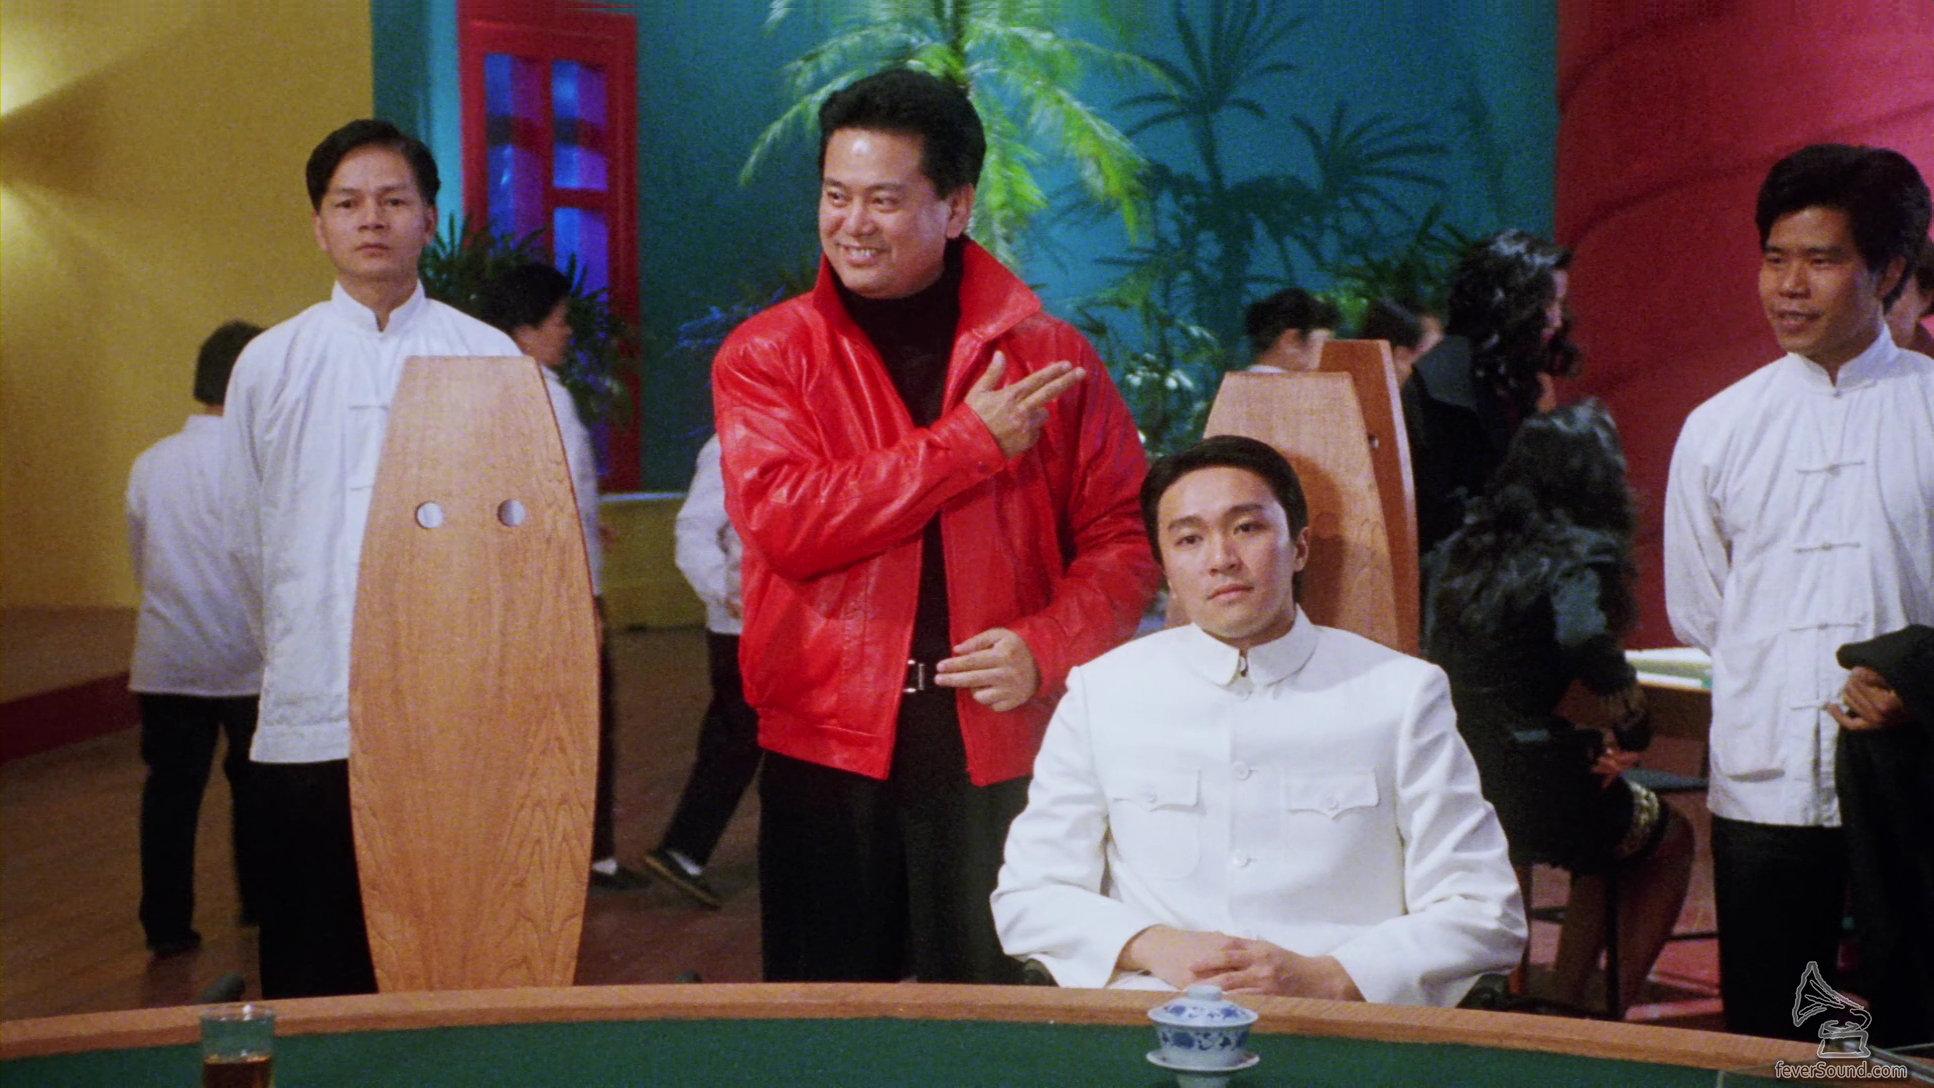 陳百祥是全片最交行貨的一位,也無法和周星馳擦出火花